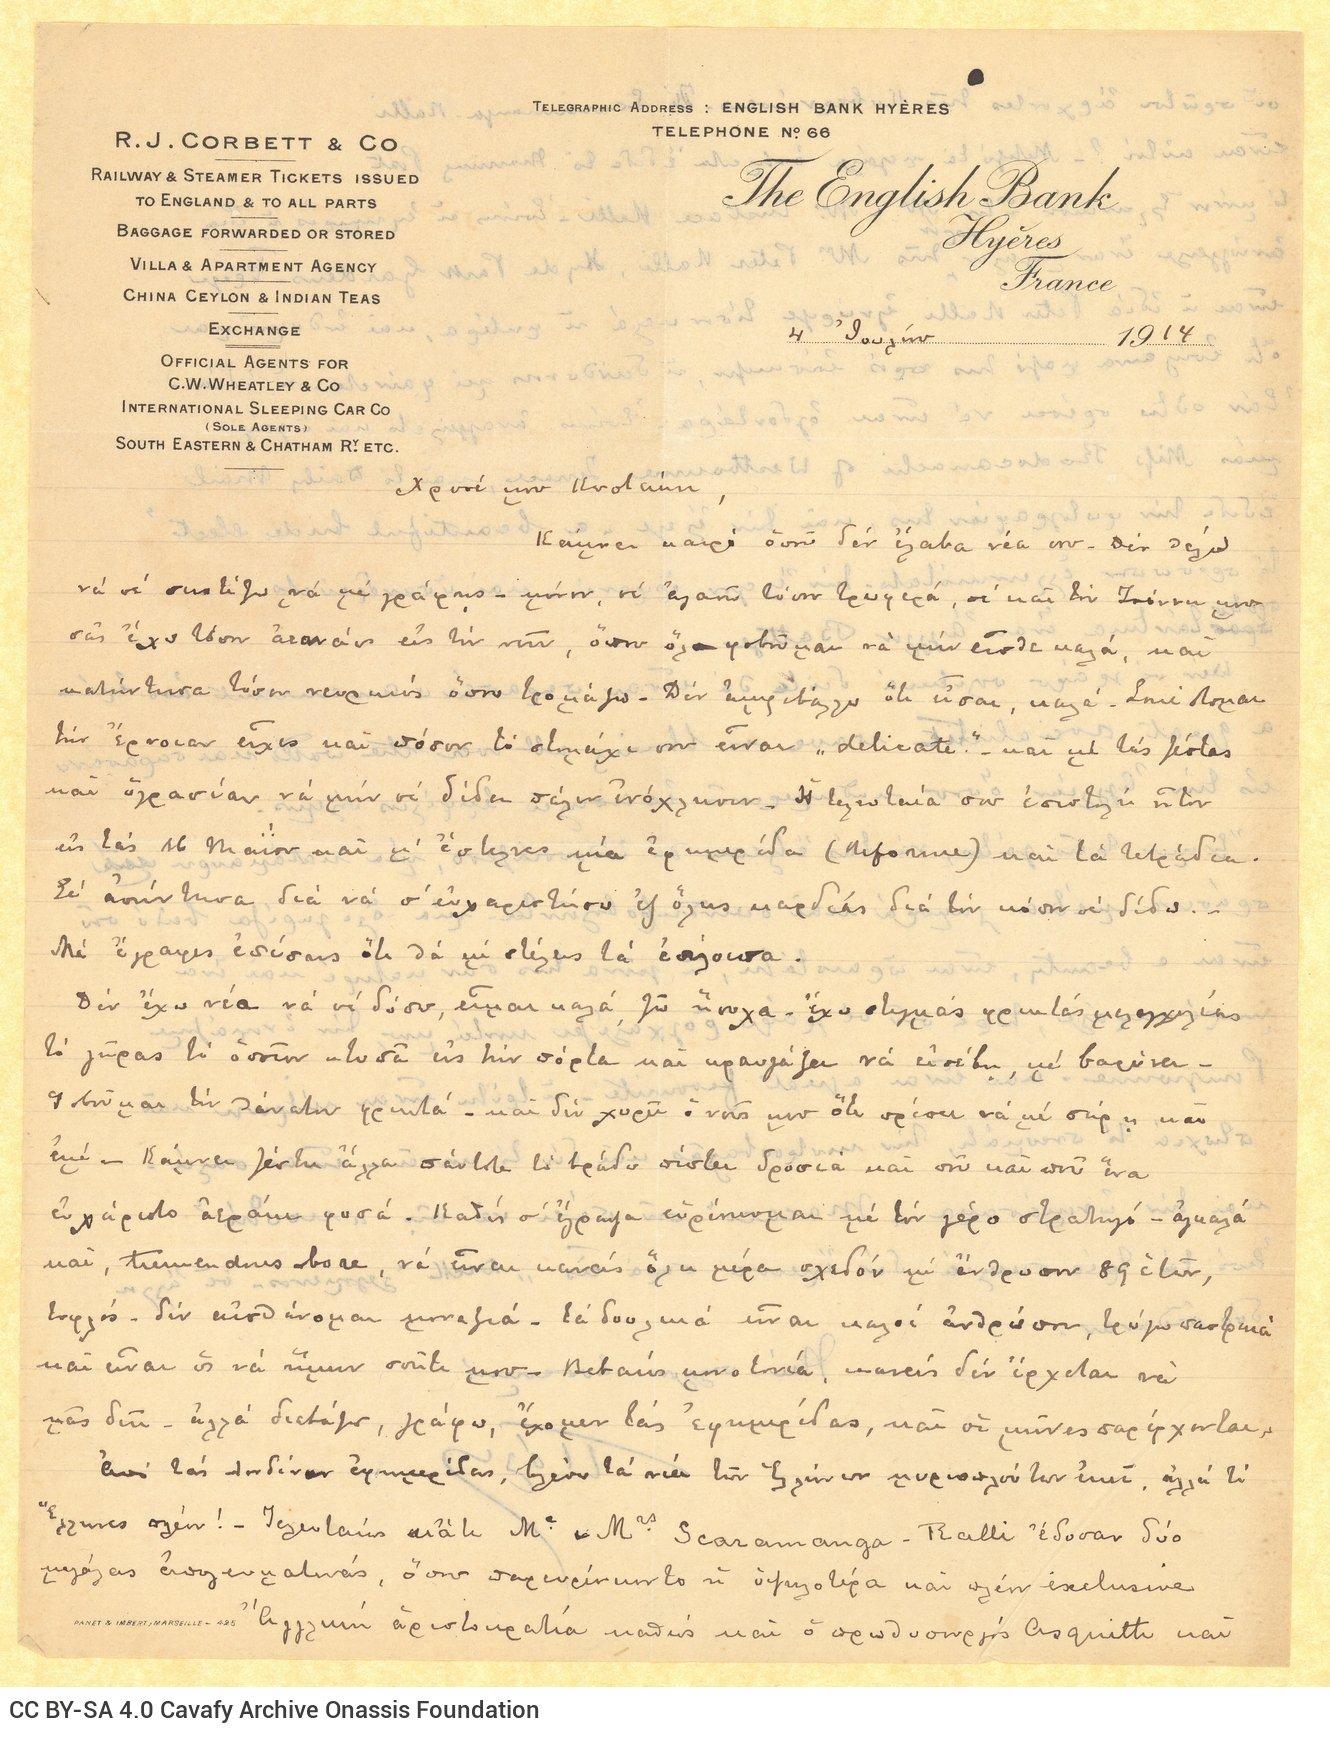 Χειρόγραφη επιστολή του Παύλου Καβάφη προς τον Κ. Π. Καβάφη, από την Υ